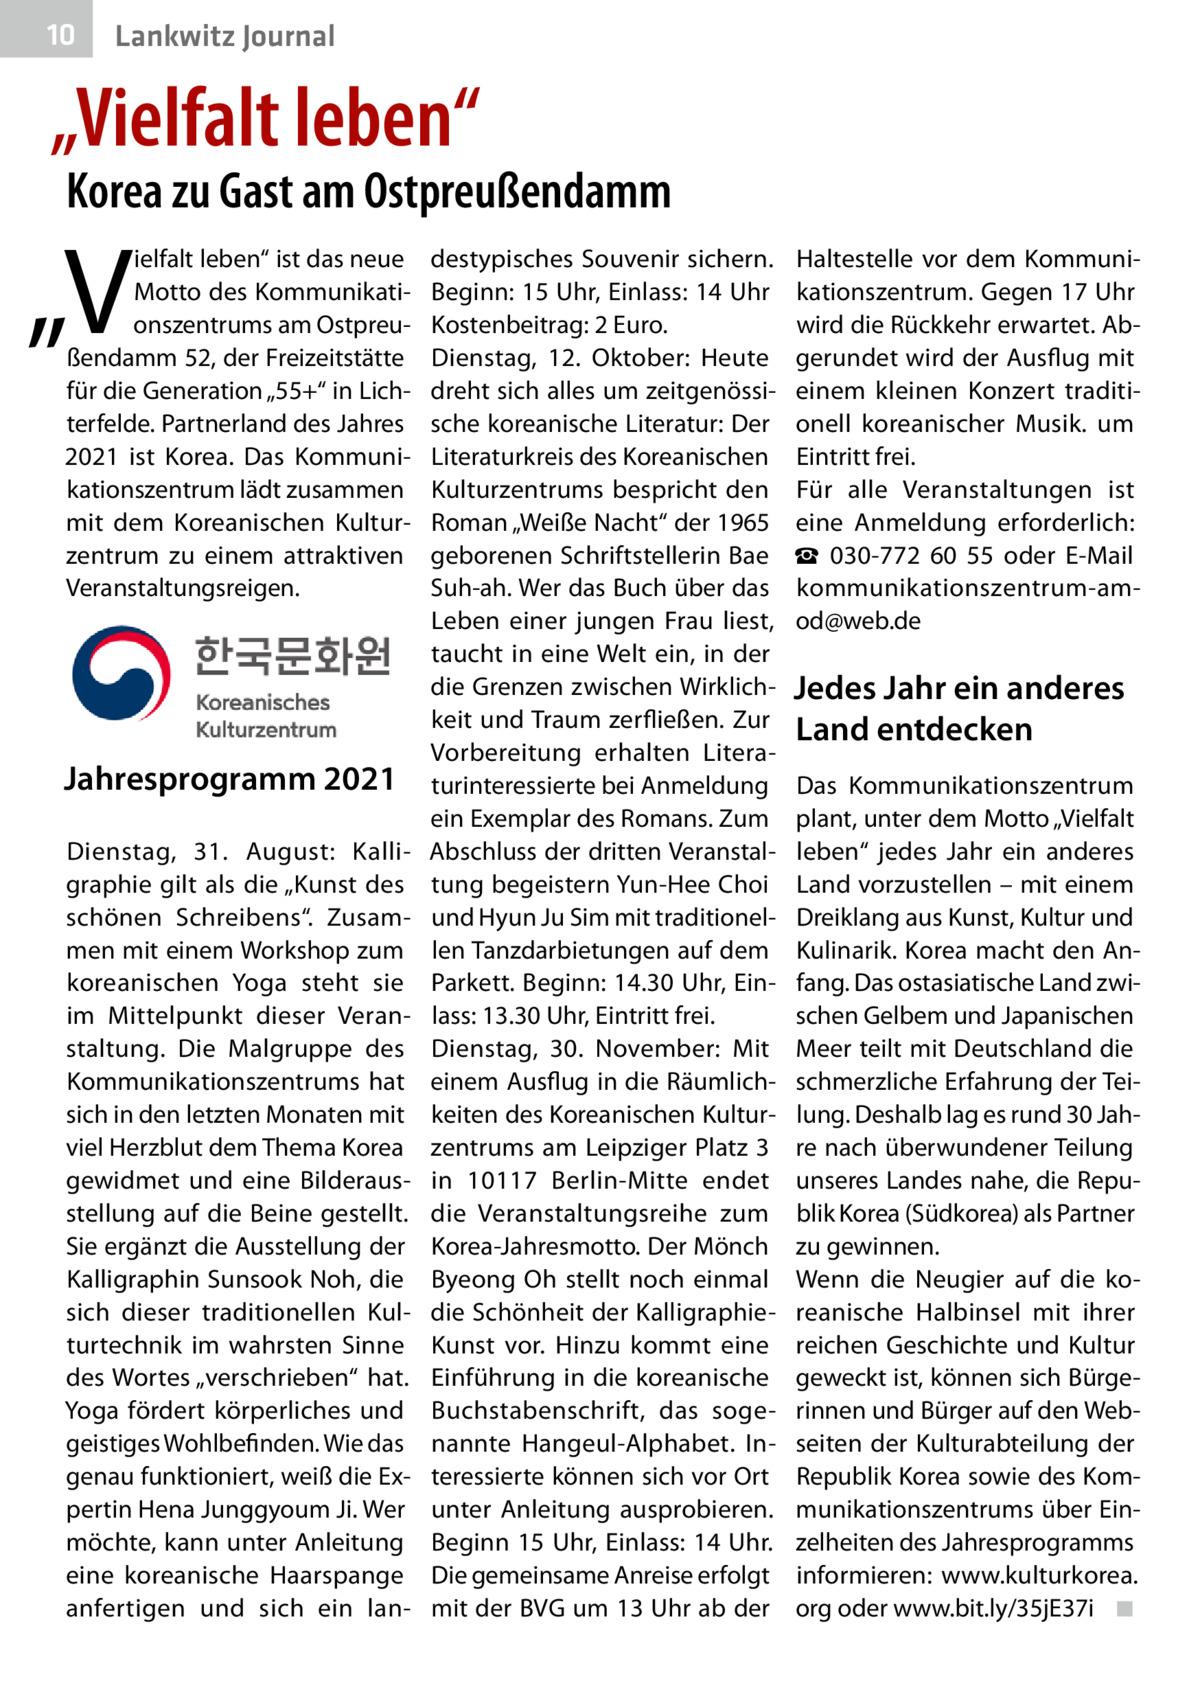 """10  Gesundheit Lankwitz Journal  """"Vielfalt leben""""  Korea zu Gast am Ostpreußendamm  """"V  ielfalt leben"""" ist das neue Motto des Kommunikationszentrums am Ostpreußendamm52, der Freizeitstätte für die Generation """"55+"""" in Lichterfelde. Partnerland des Jahres 2021 ist Korea. Das Kommunikationszentrum lädt zusammen mit dem Koreanischen Kulturzentrum zu einem attraktiven Veranstaltungsreigen.  Jahresprogramm 2021 Dienstag, 31. August: Kalligraphie gilt als die """"Kunst des schönen Schreibens"""". Zusammen mit einem Workshop zum koreanischen Yoga steht sie im Mittelpunkt dieser Veranstaltung. Die Malgruppe des Kommunikationszentrums hat sich in den letzten Monaten mit viel Herzblut dem Thema Korea gewidmet und eine Bilderausstellung auf die Beine gestellt. Sie ergänzt die Ausstellung der Kalligraphin Sunsook Noh, die sich dieser traditionellen Kulturtechnik im wahrsten Sinne des Wortes """"verschrieben"""" hat. Yoga fördert körperliches und geistiges Wohlbefinden. Wie das genau funktioniert, weiß die Expertin Hena Junggyoum Ji. Wer möchte, kann unter Anleitung eine koreanische Haarspange anfertigen und sich ein lan destypisches Souvenir sichern. Beginn: 15Uhr, Einlass: 14Uhr Kostenbeitrag: 2Euro. Dienstag, 12. Oktober: Heute dreht sich alles um zeitgenössische koreanische Literatur: Der Literaturkreis des Koreanischen Kulturzentrums bespricht den Roman """"Weiße Nacht"""" der 1965 geborenen Schriftstellerin Bae Suh-ah. Wer das Buch über das Leben einer jungen Frau liest, taucht in eine Welt ein, in der die Grenzen zwischen Wirklichkeit und Traum zerfließen. Zur Vorbereitung erhalten Literaturinteressierte bei Anmeldung ein Exemplar des Romans. Zum Abschluss der dritten Veranstaltung begeistern Yun-Hee Choi und Hyun Ju Sim mit traditionellen Tanzdarbietungen auf dem Parkett. Beginn: 14.30Uhr, Einlass: 13.30Uhr, Eintritt frei. Dienstag, 30. November: Mit einem Ausflug in die Räumlichkeiten des Koreanischen Kulturzentrums am Leipziger Platz3 in 10117 Berlin-Mitte endet die Veranstaltungsreihe z"""